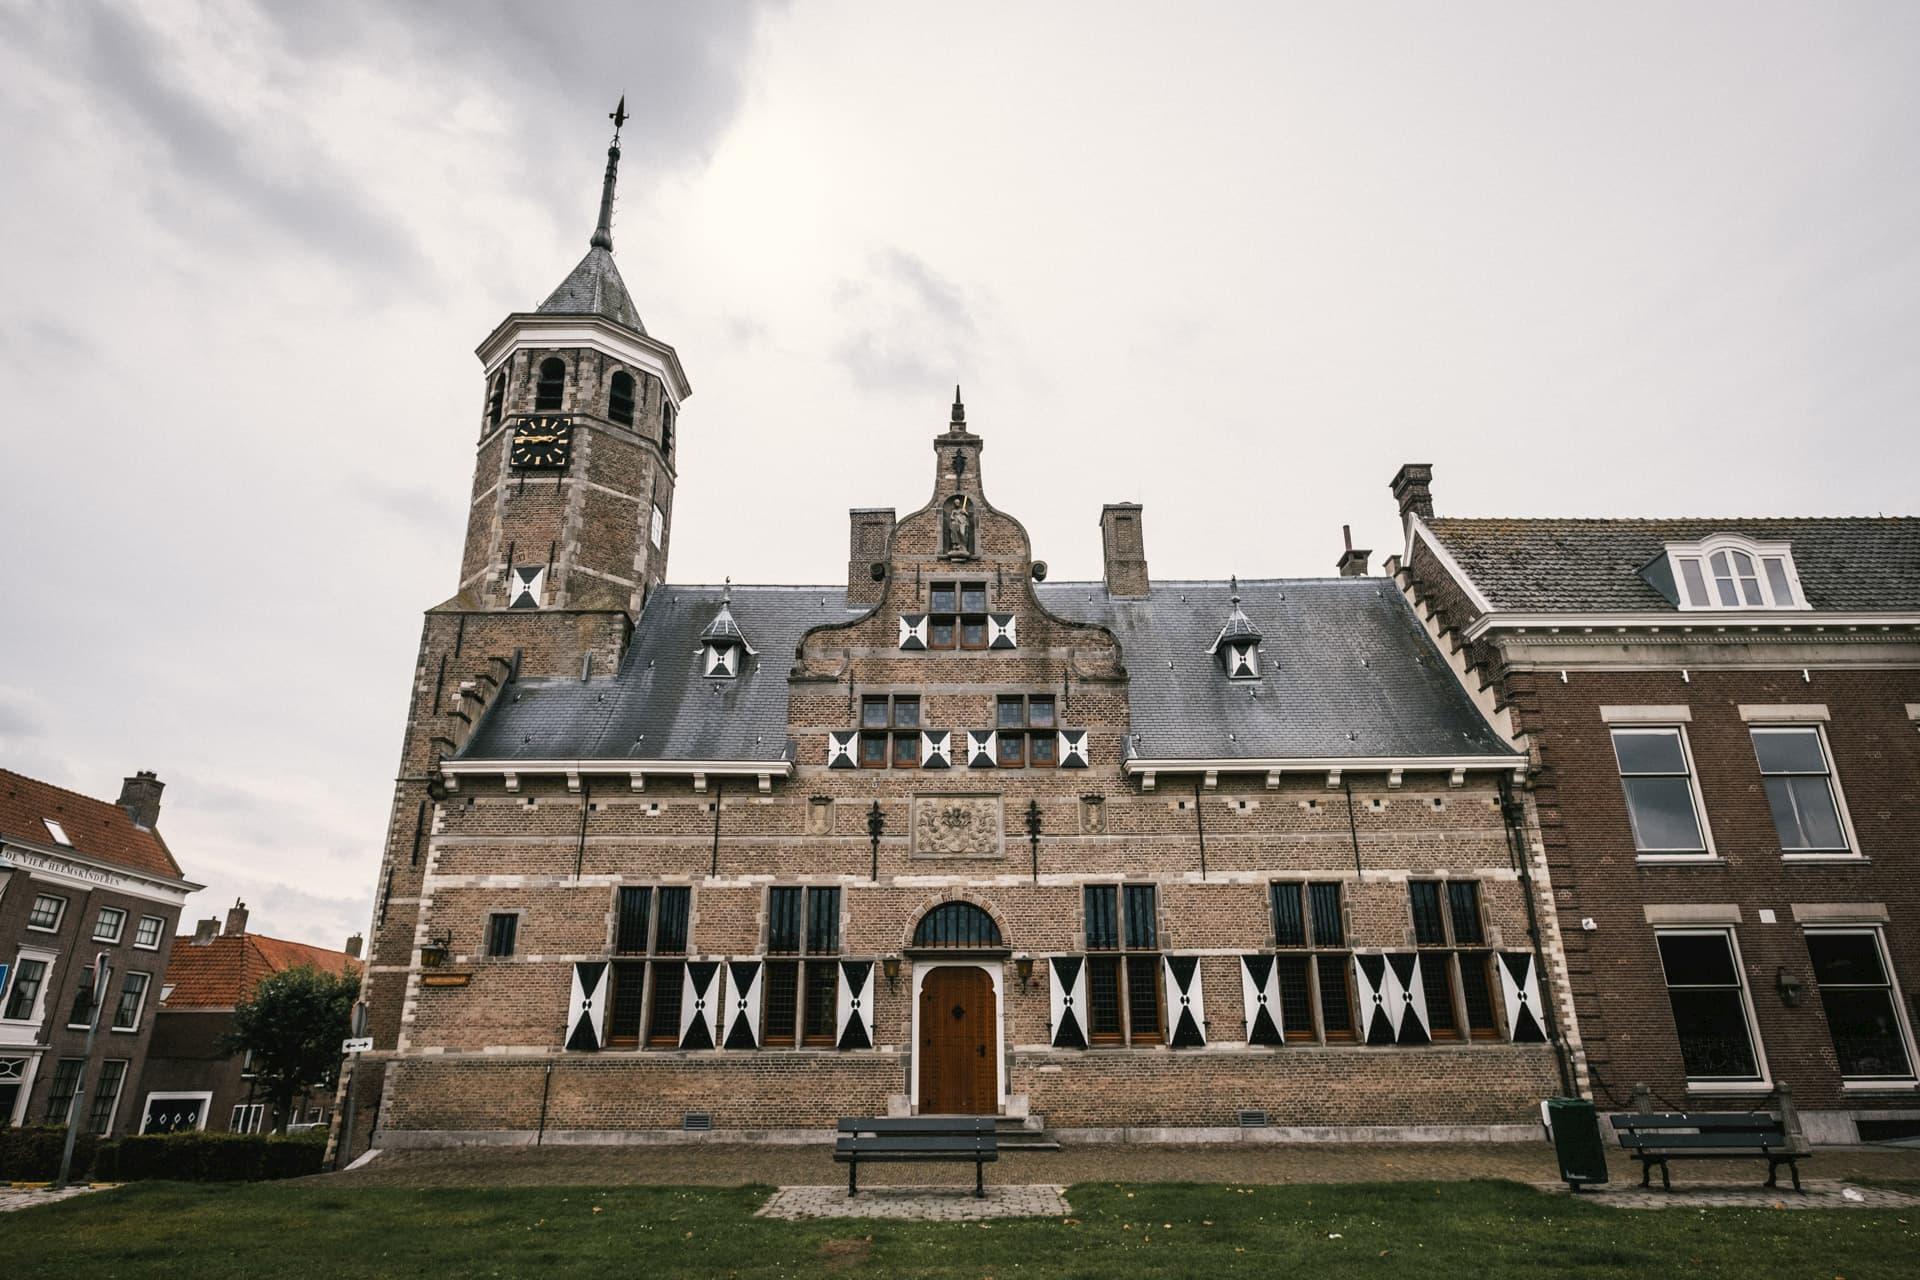 L'hôtel de ville de Willemstad